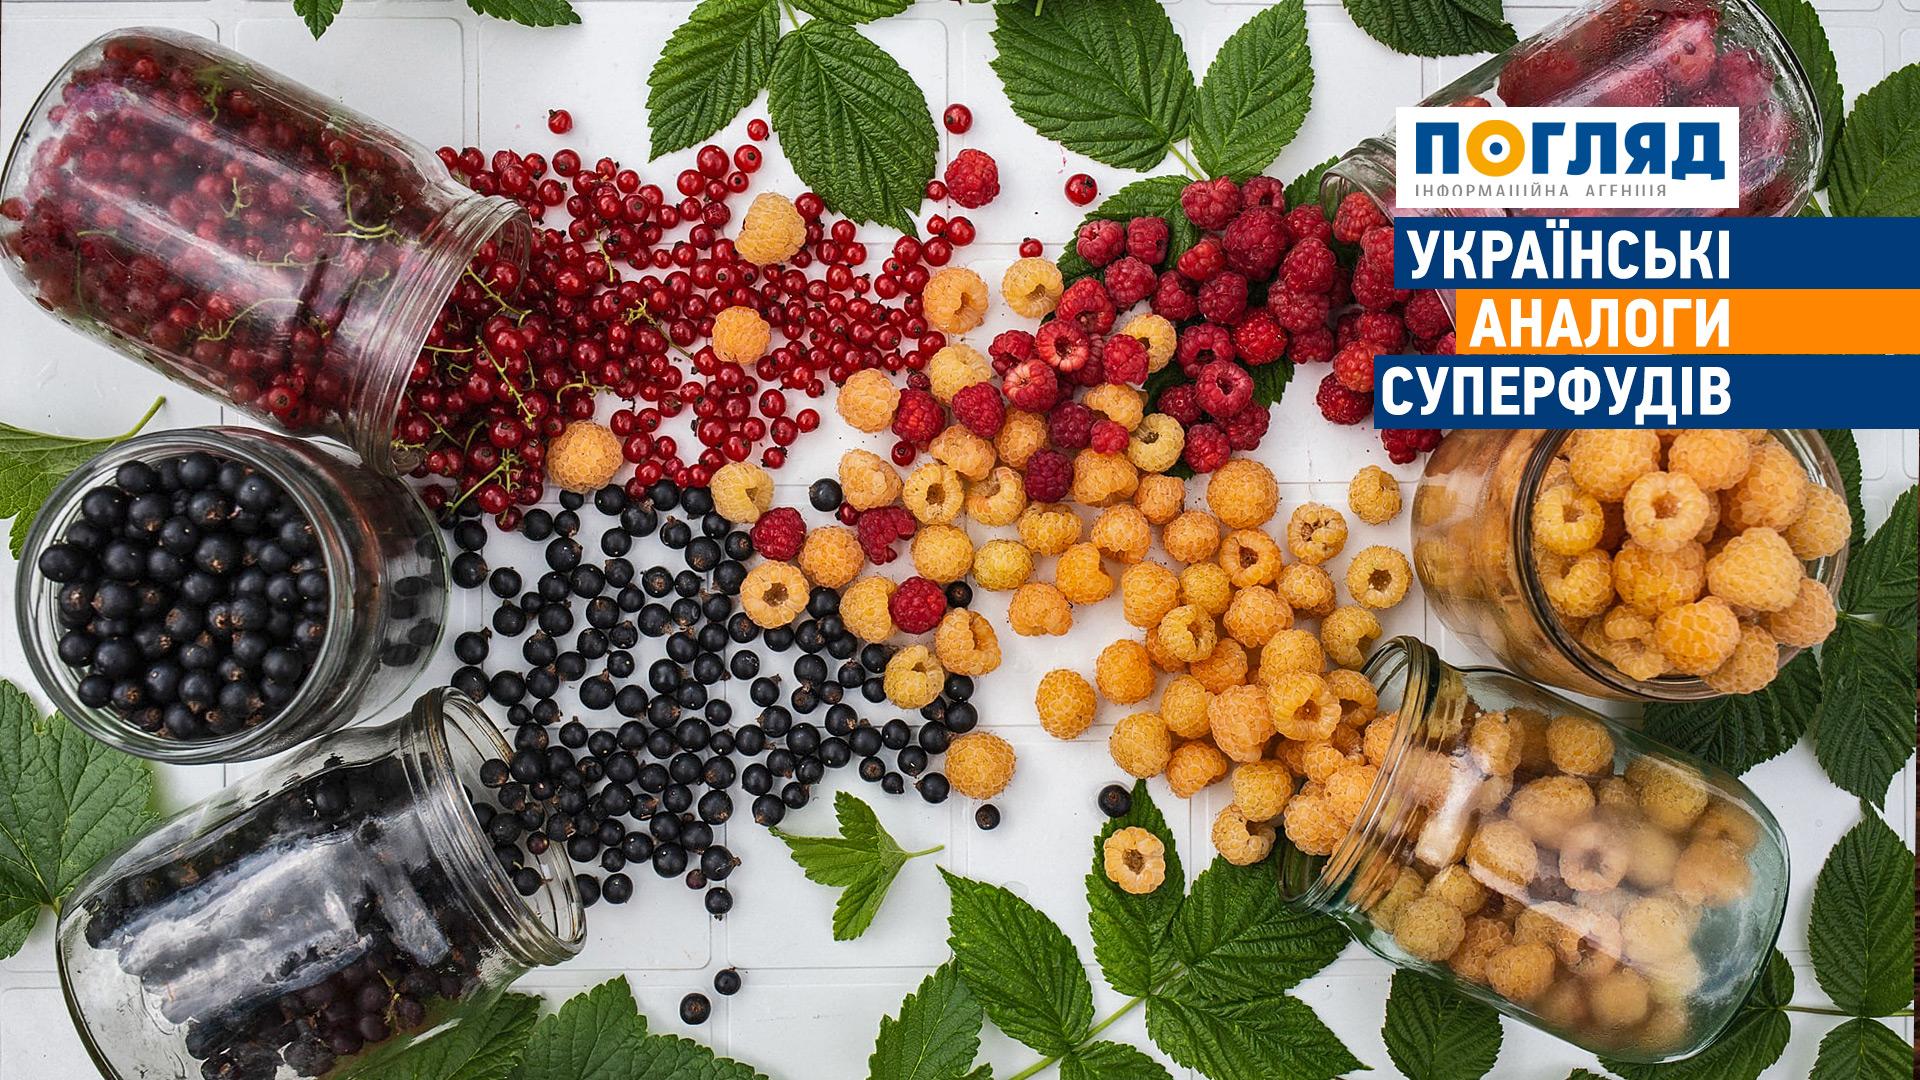 fast_6 Українські аналоги суперфудів